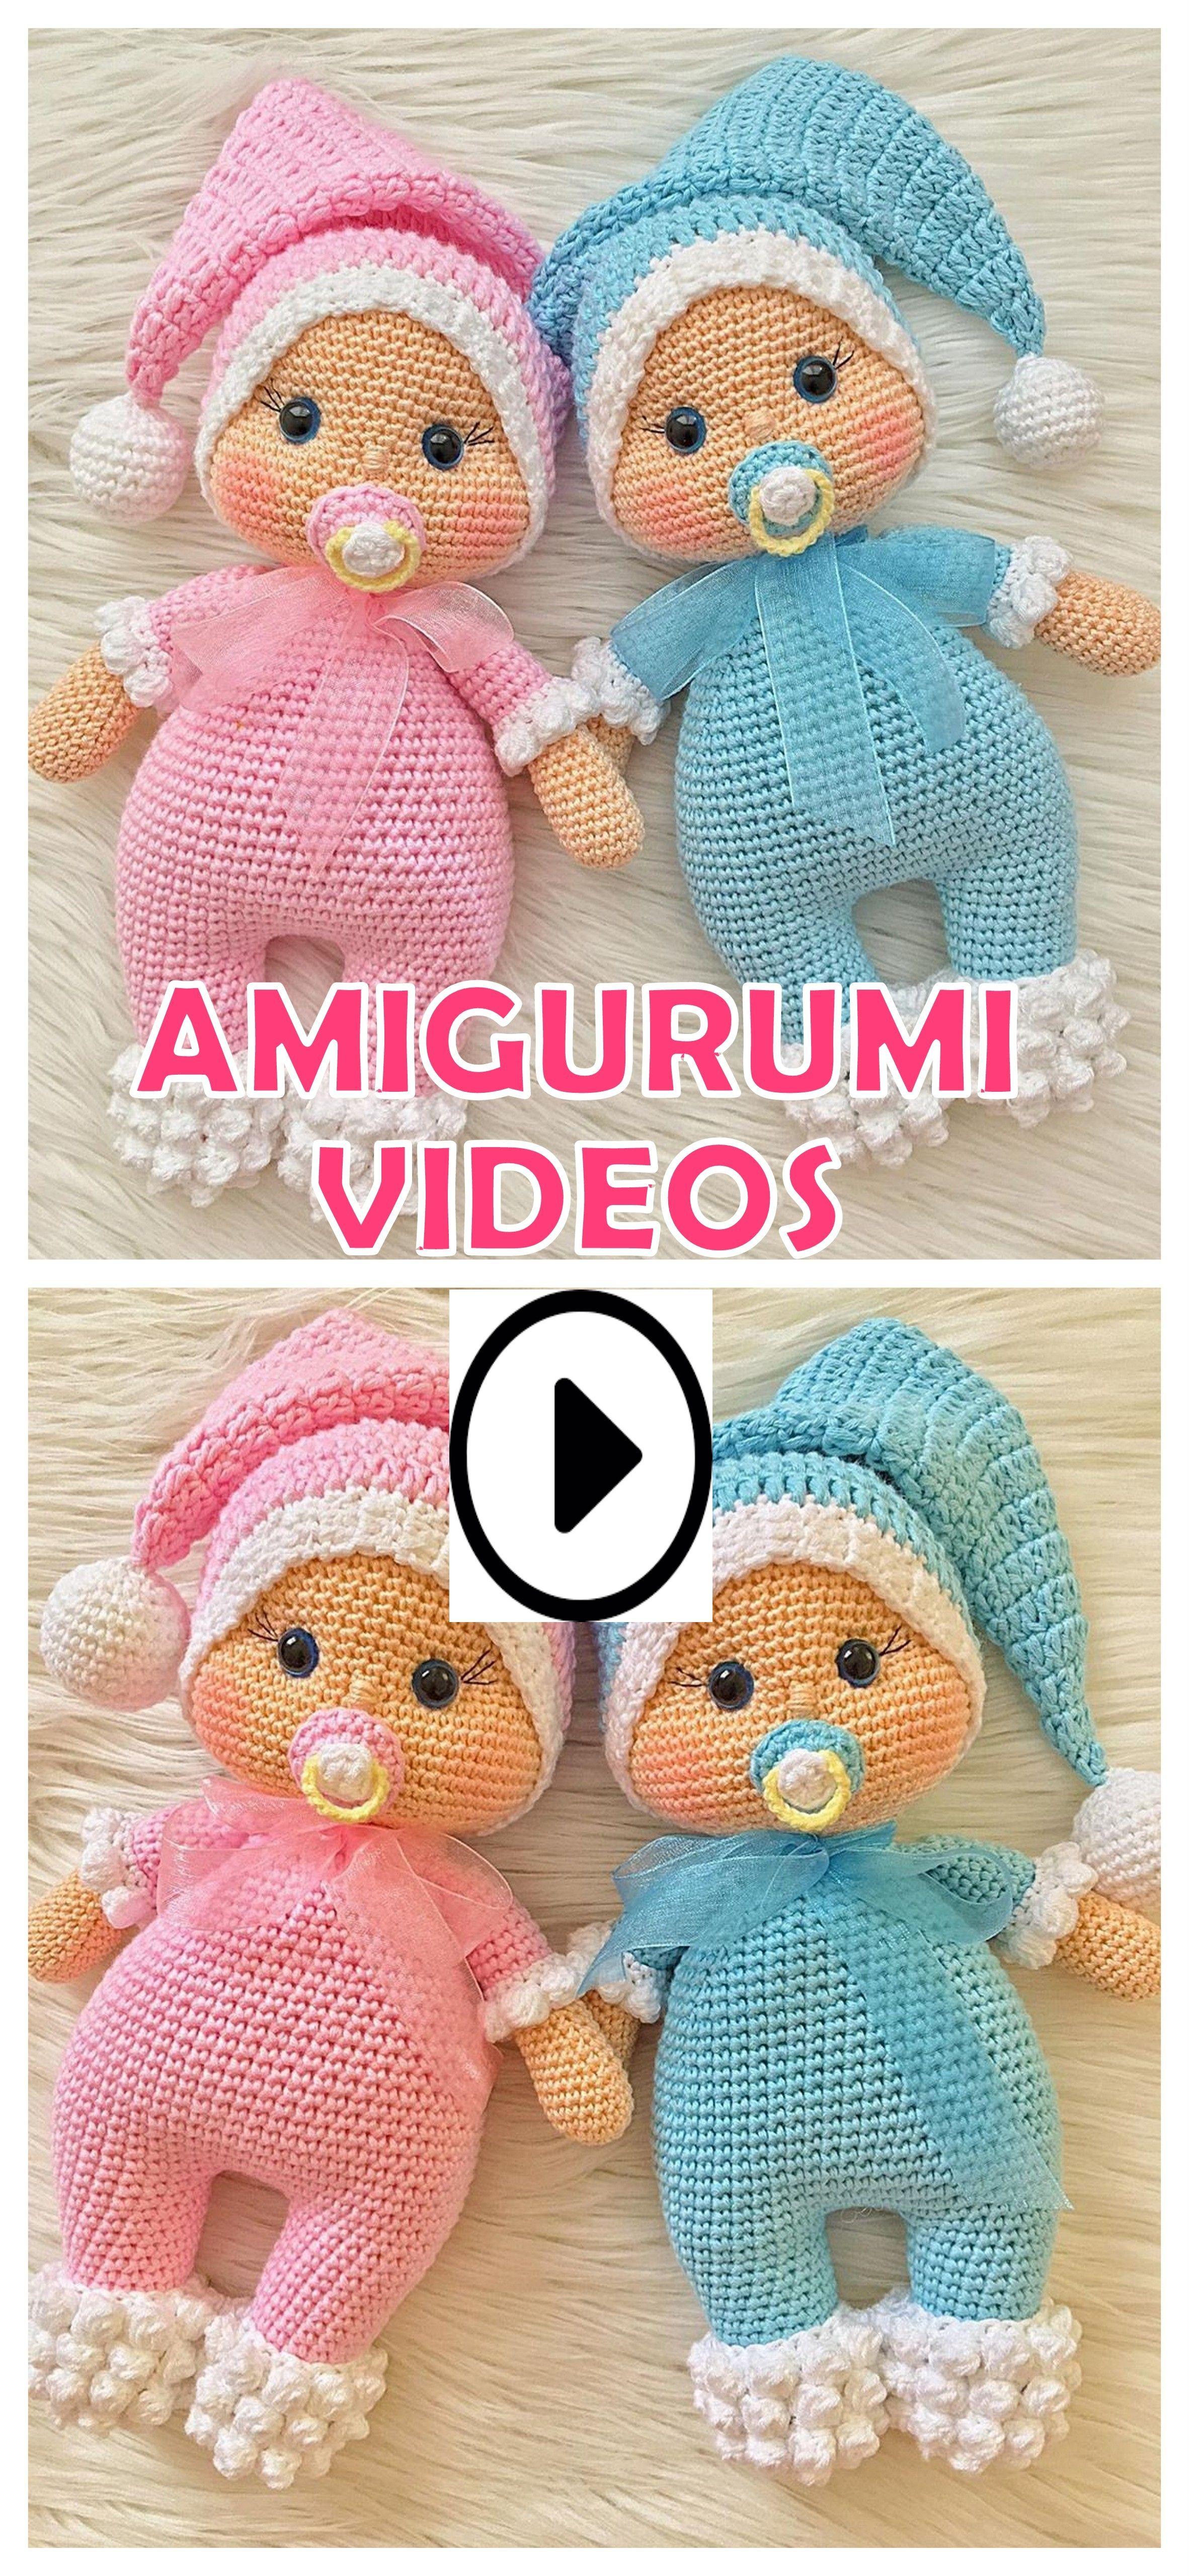 Amigurumi Scuba Diver Doll Free Crochet Pattern - Amigurumi Free Patterns   5120x2363